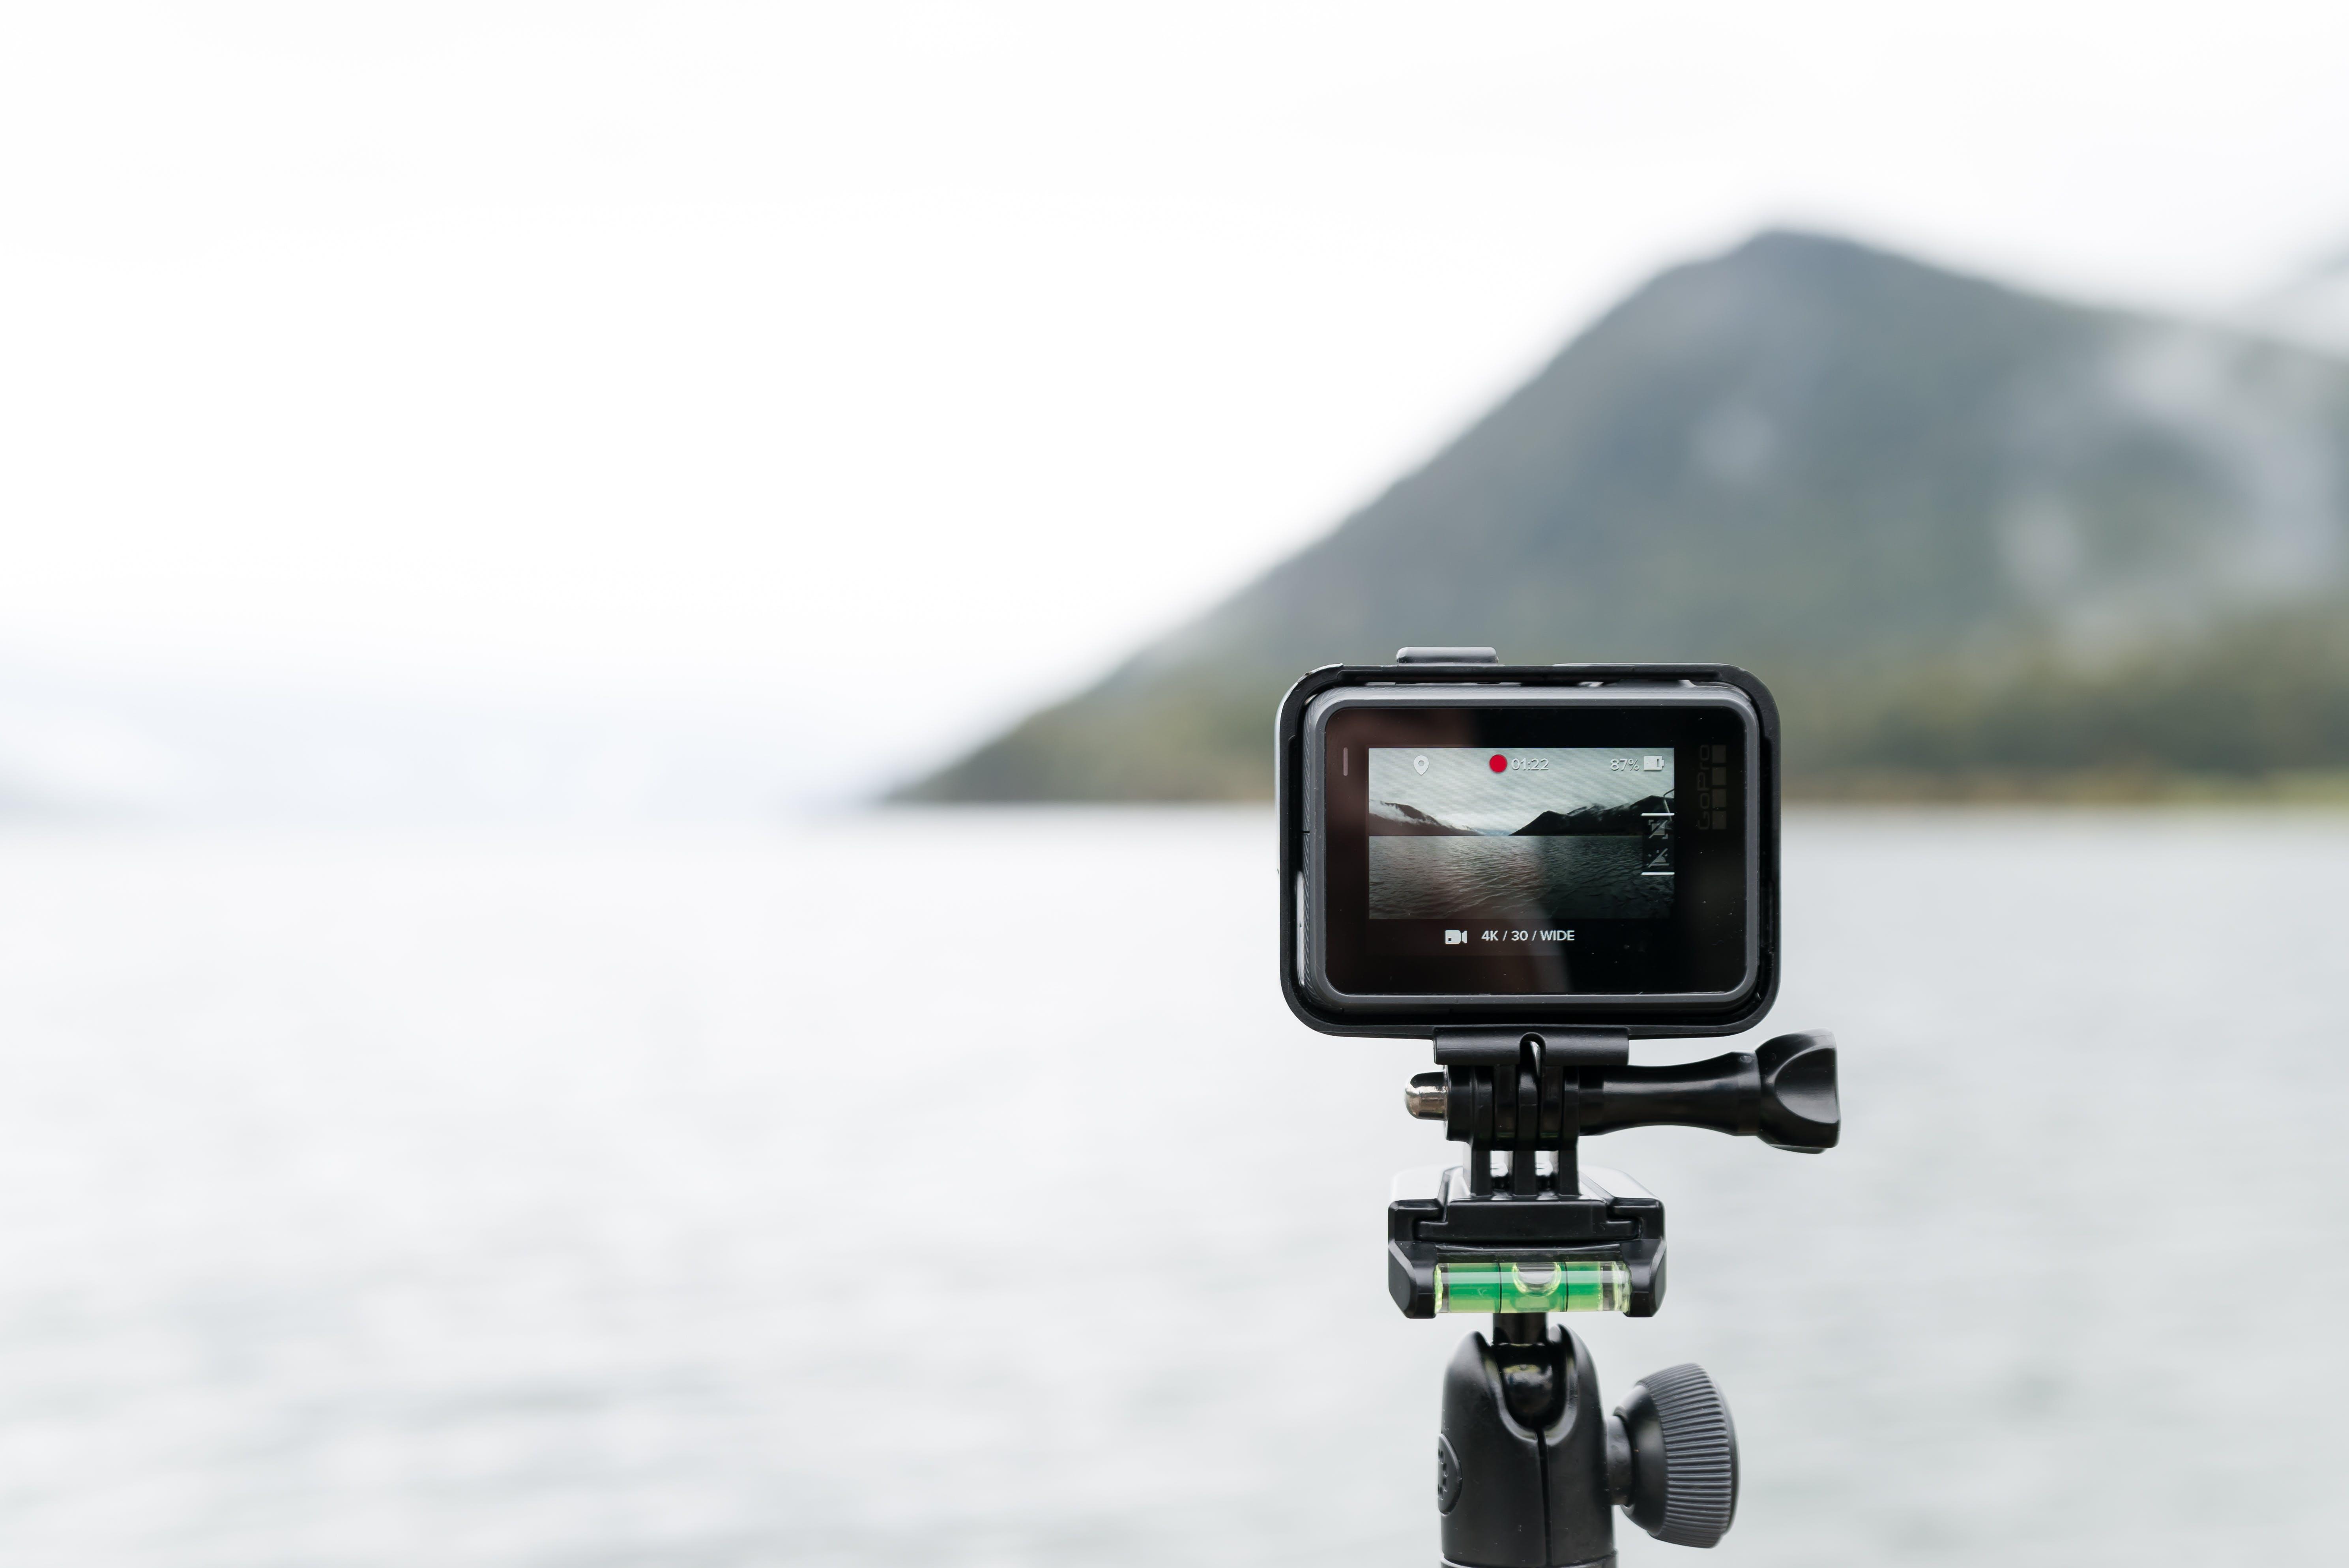 Gratis arkivbilde med bli profesjonell, gopro, kamera, landskap